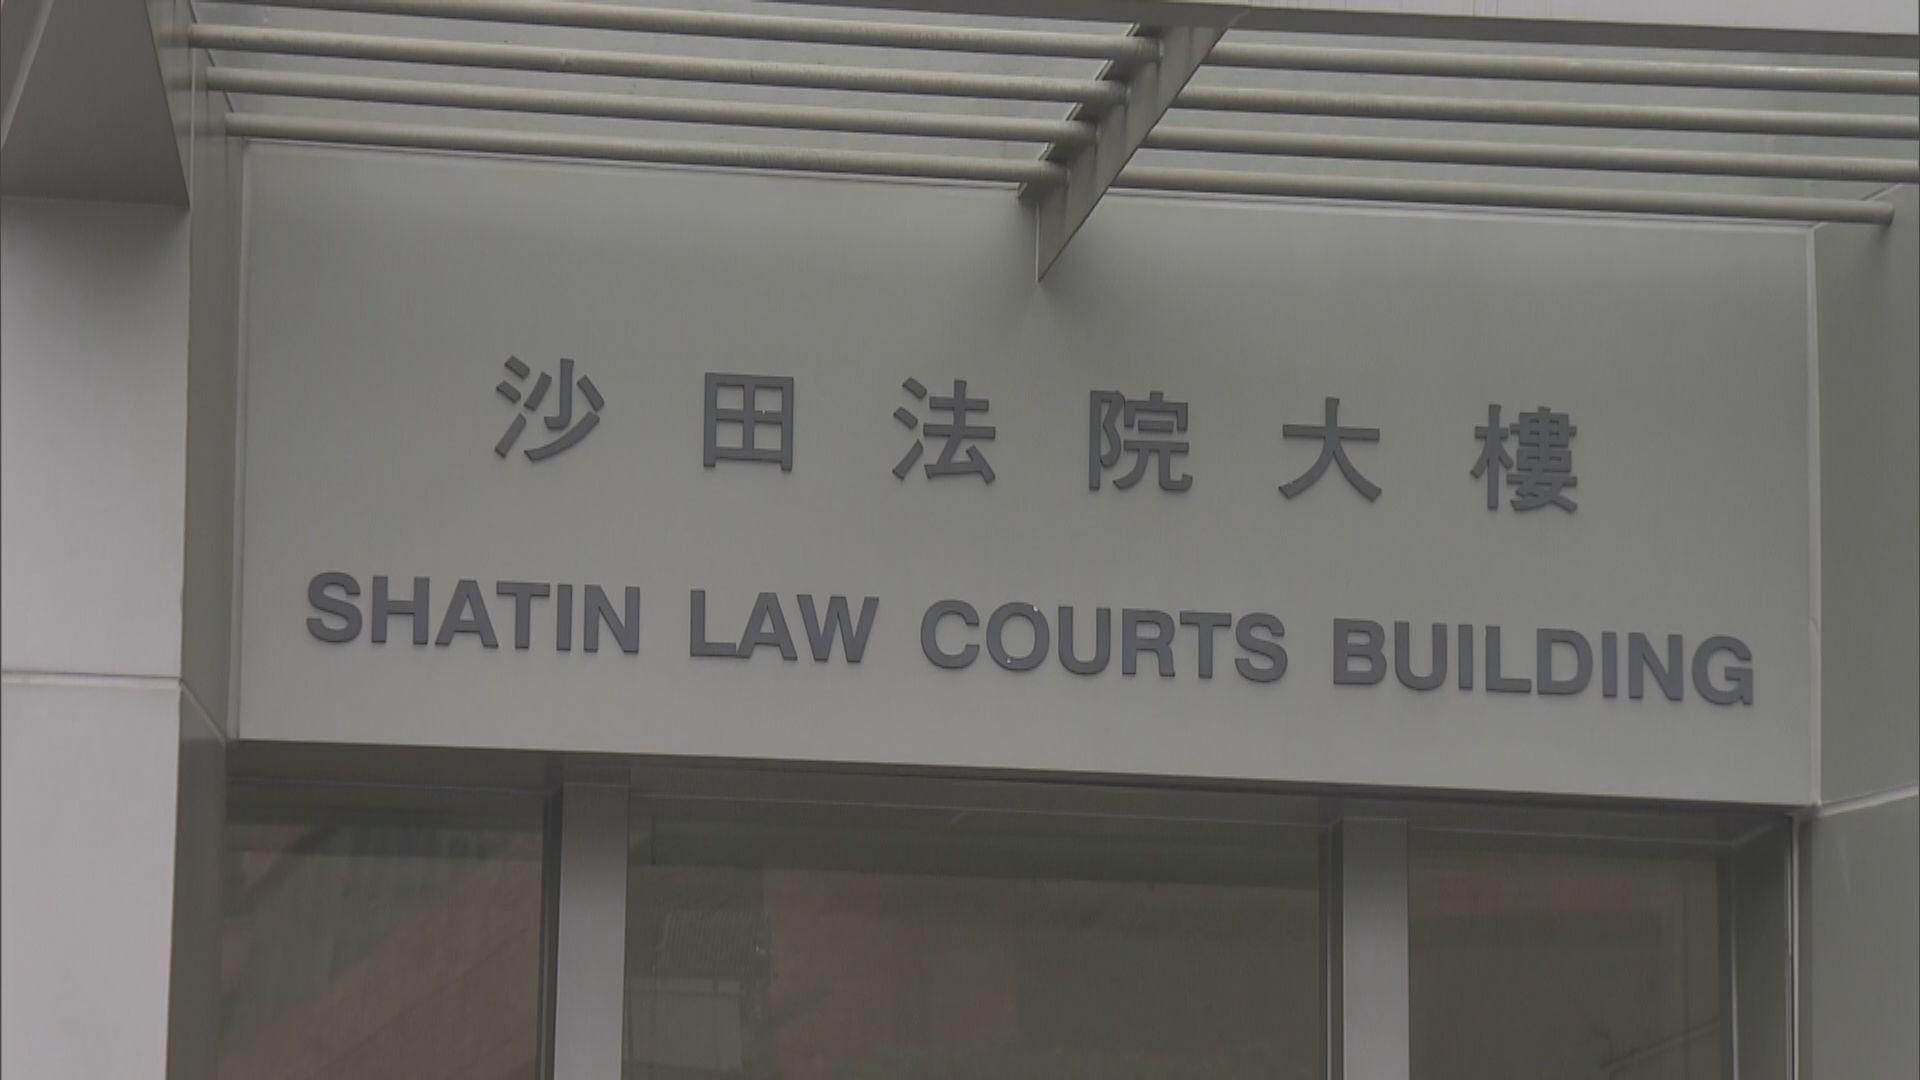 12港人案 其中5人完成檢疫到法院就案件提堂